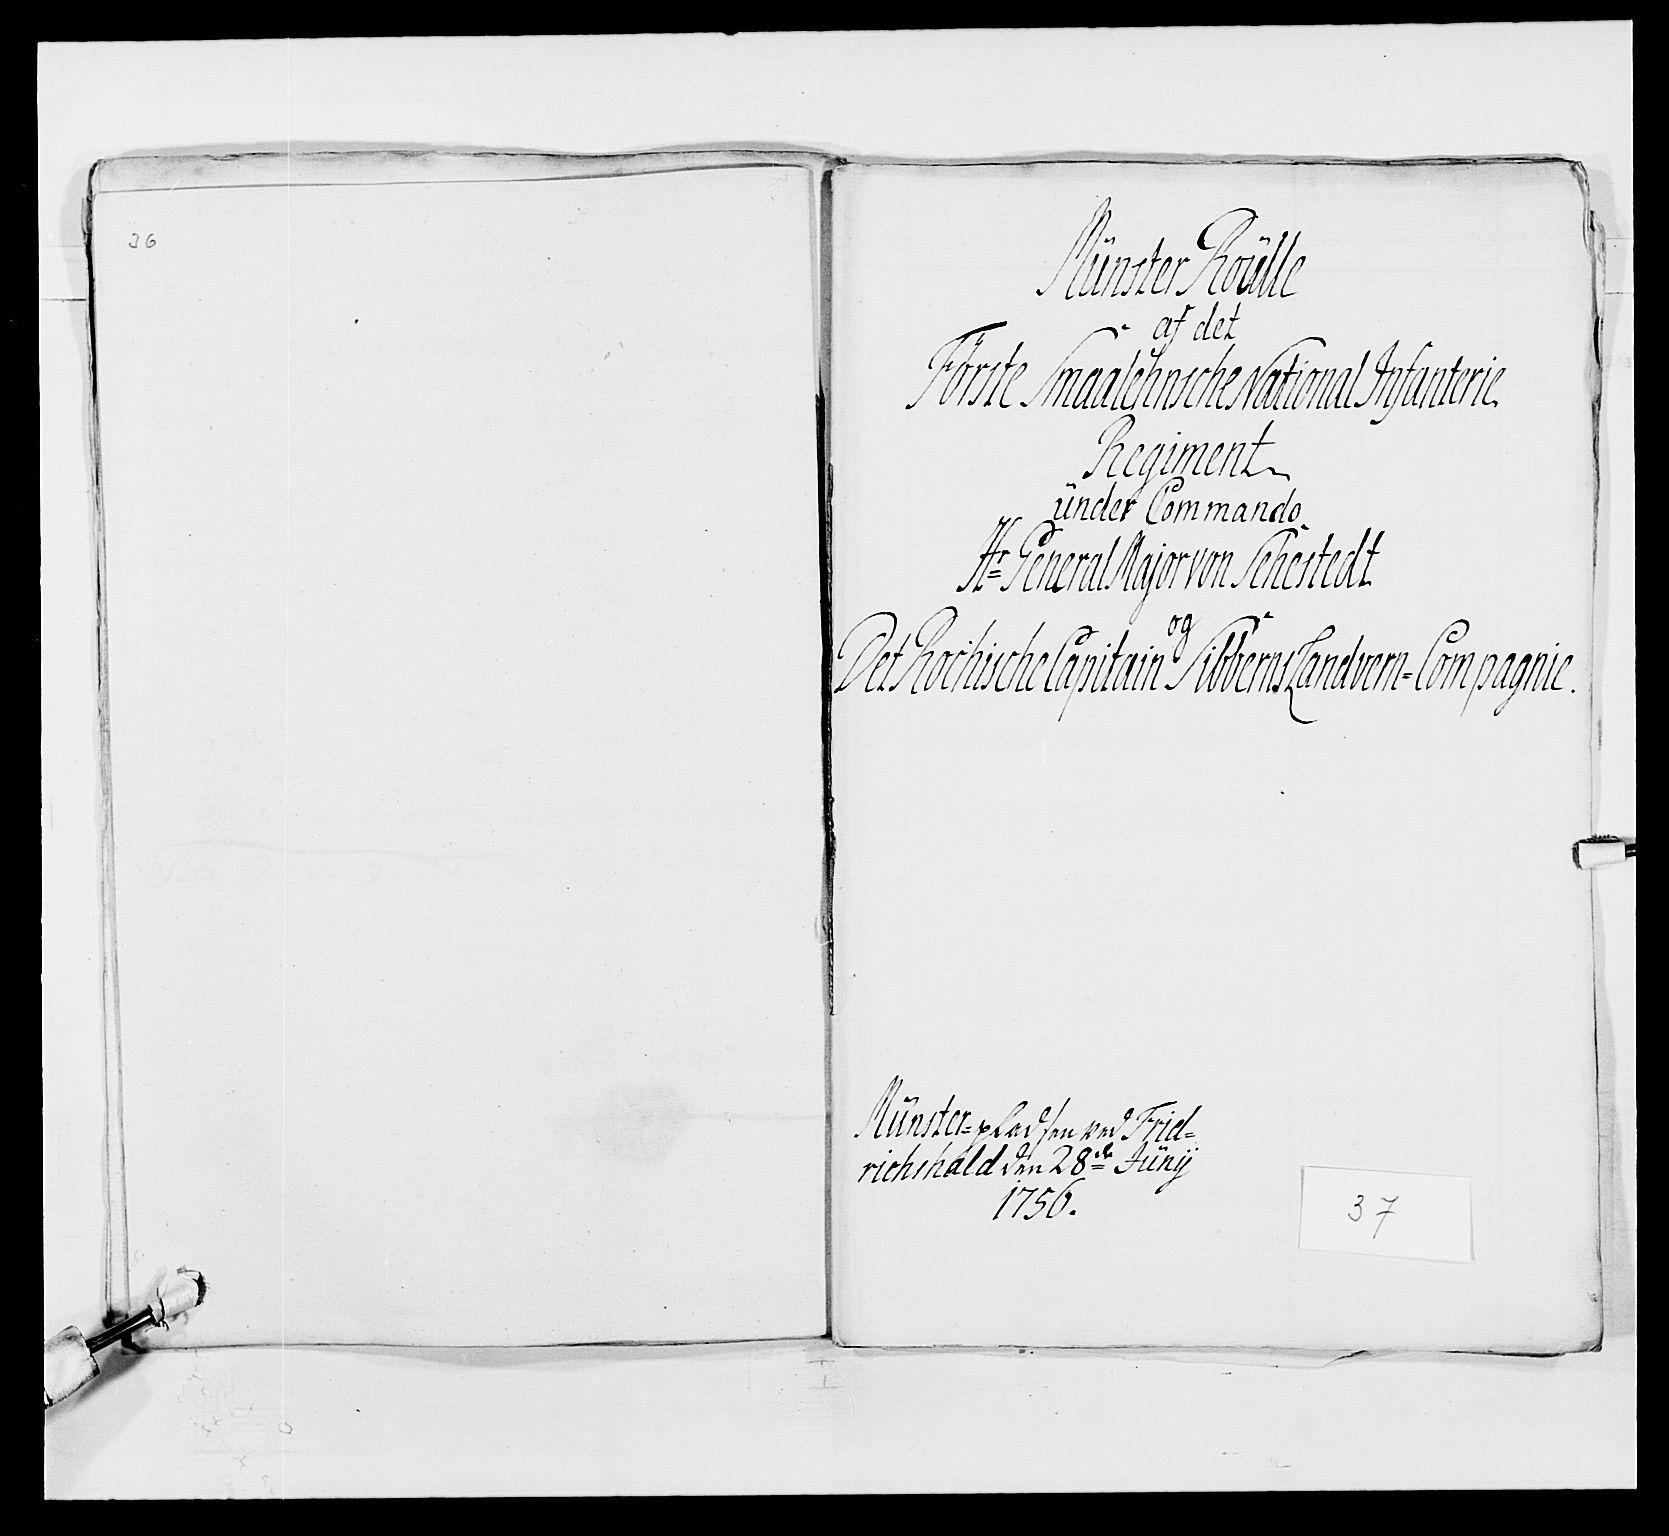 RA, Kommanderende general (KG I) med Det norske krigsdirektorium, E/Ea/L0495: 1. Smålenske regiment, 1732-1763, s. 521